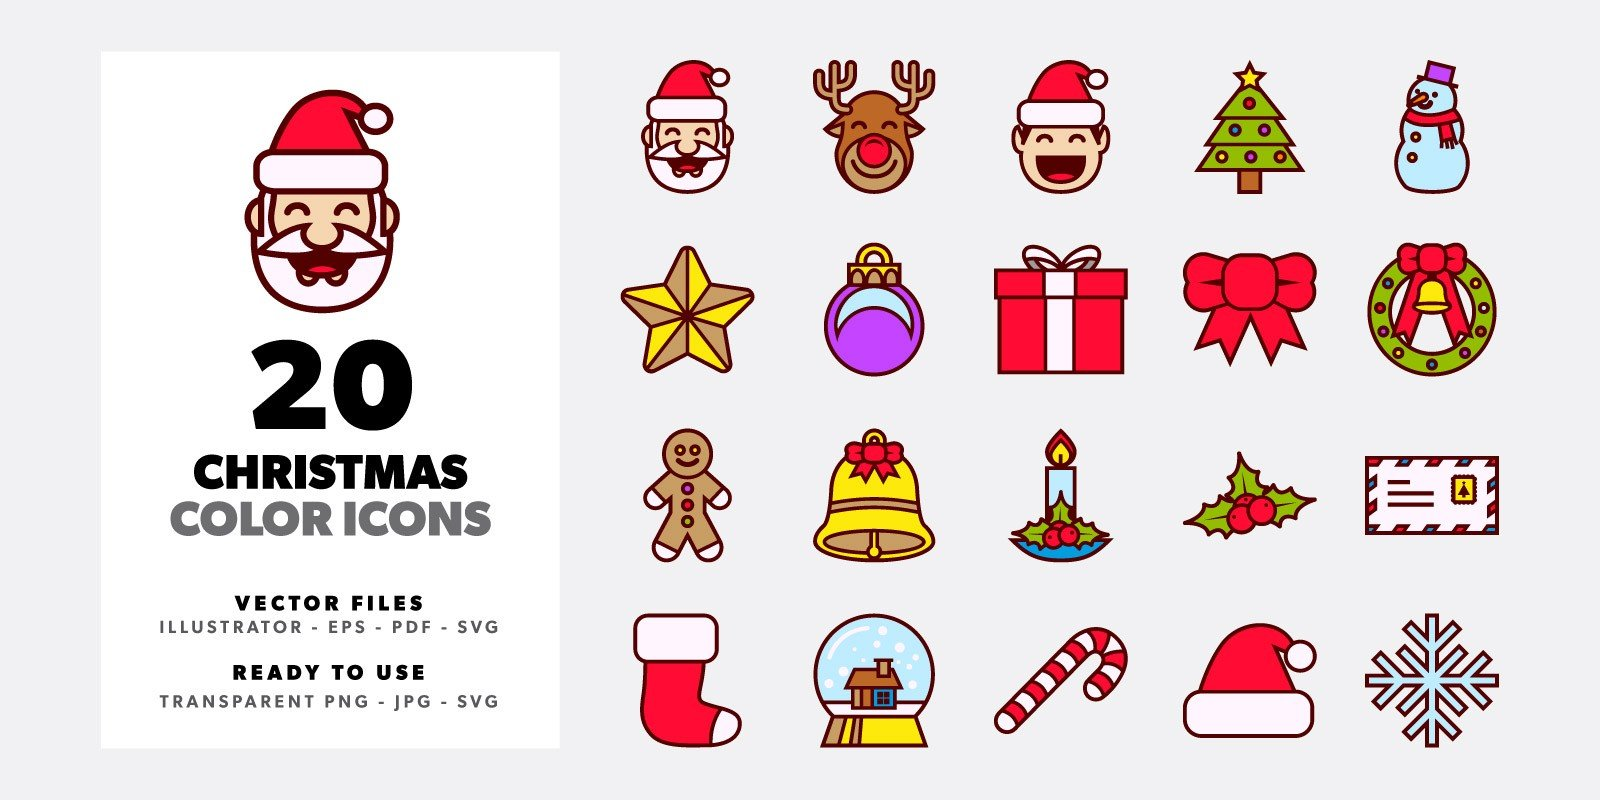 20 Christmas Color Icons